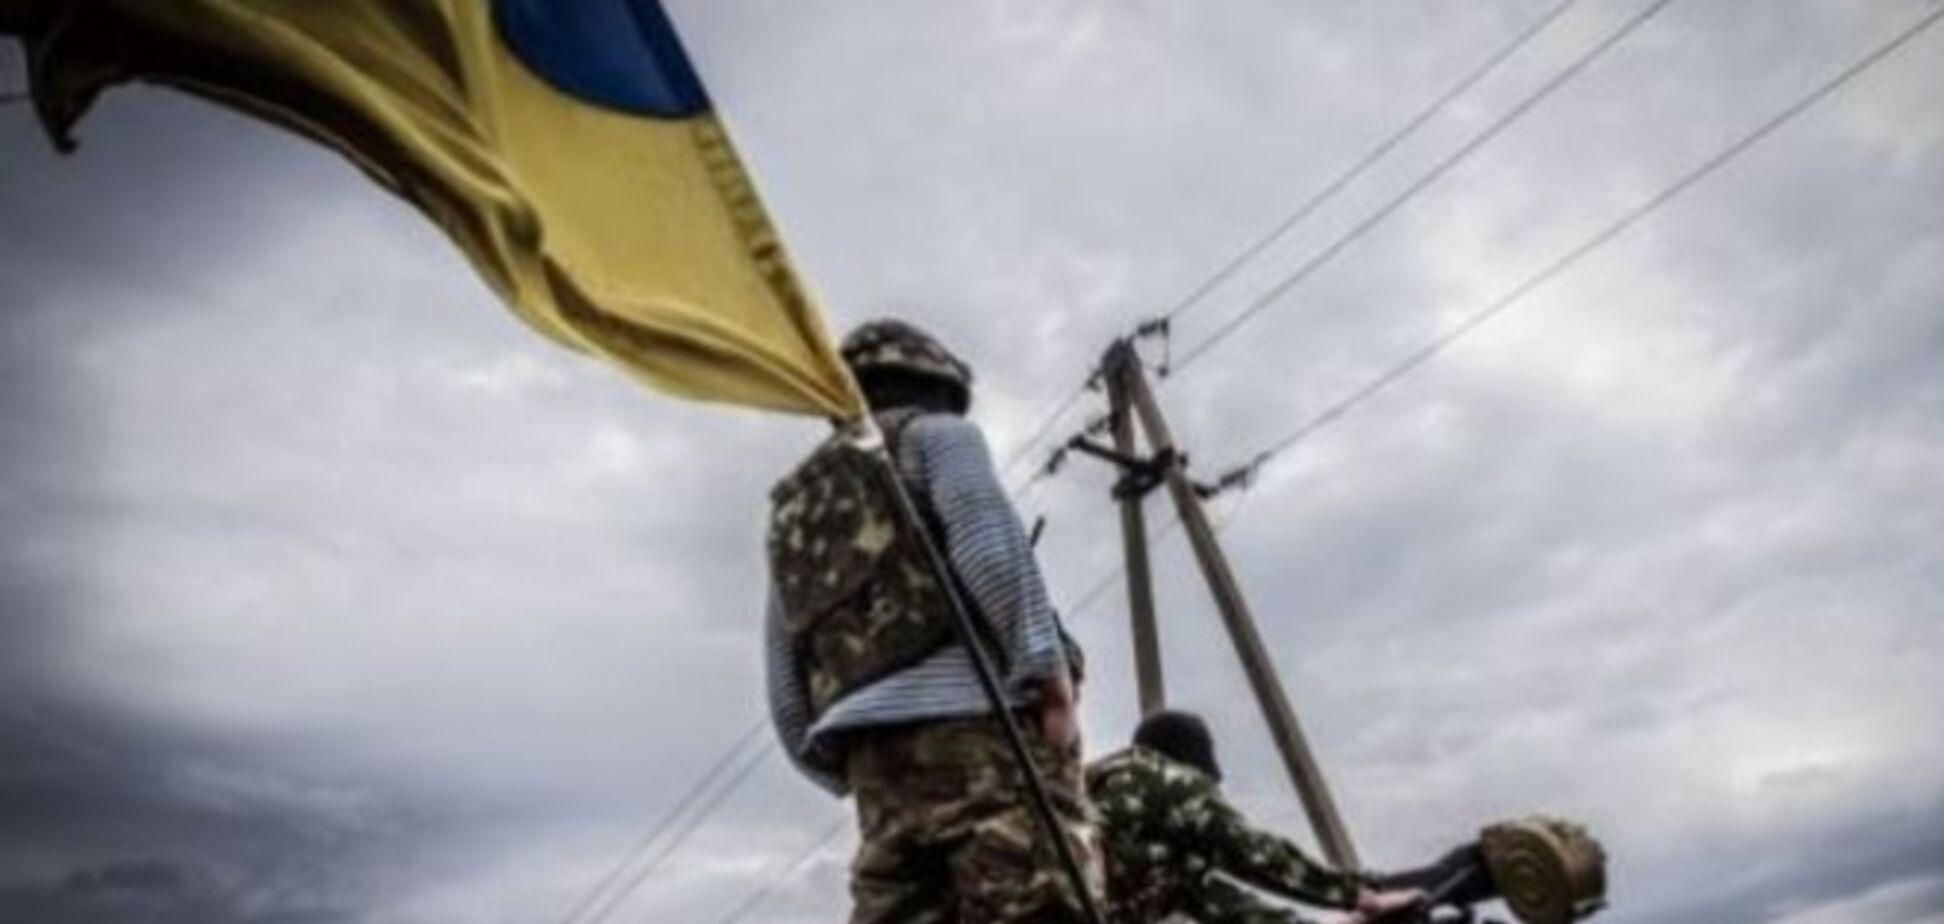 Бойцы АТО специально заманили боевиков на 31-й блокпост, чтобы уничтожить их – очевидцы